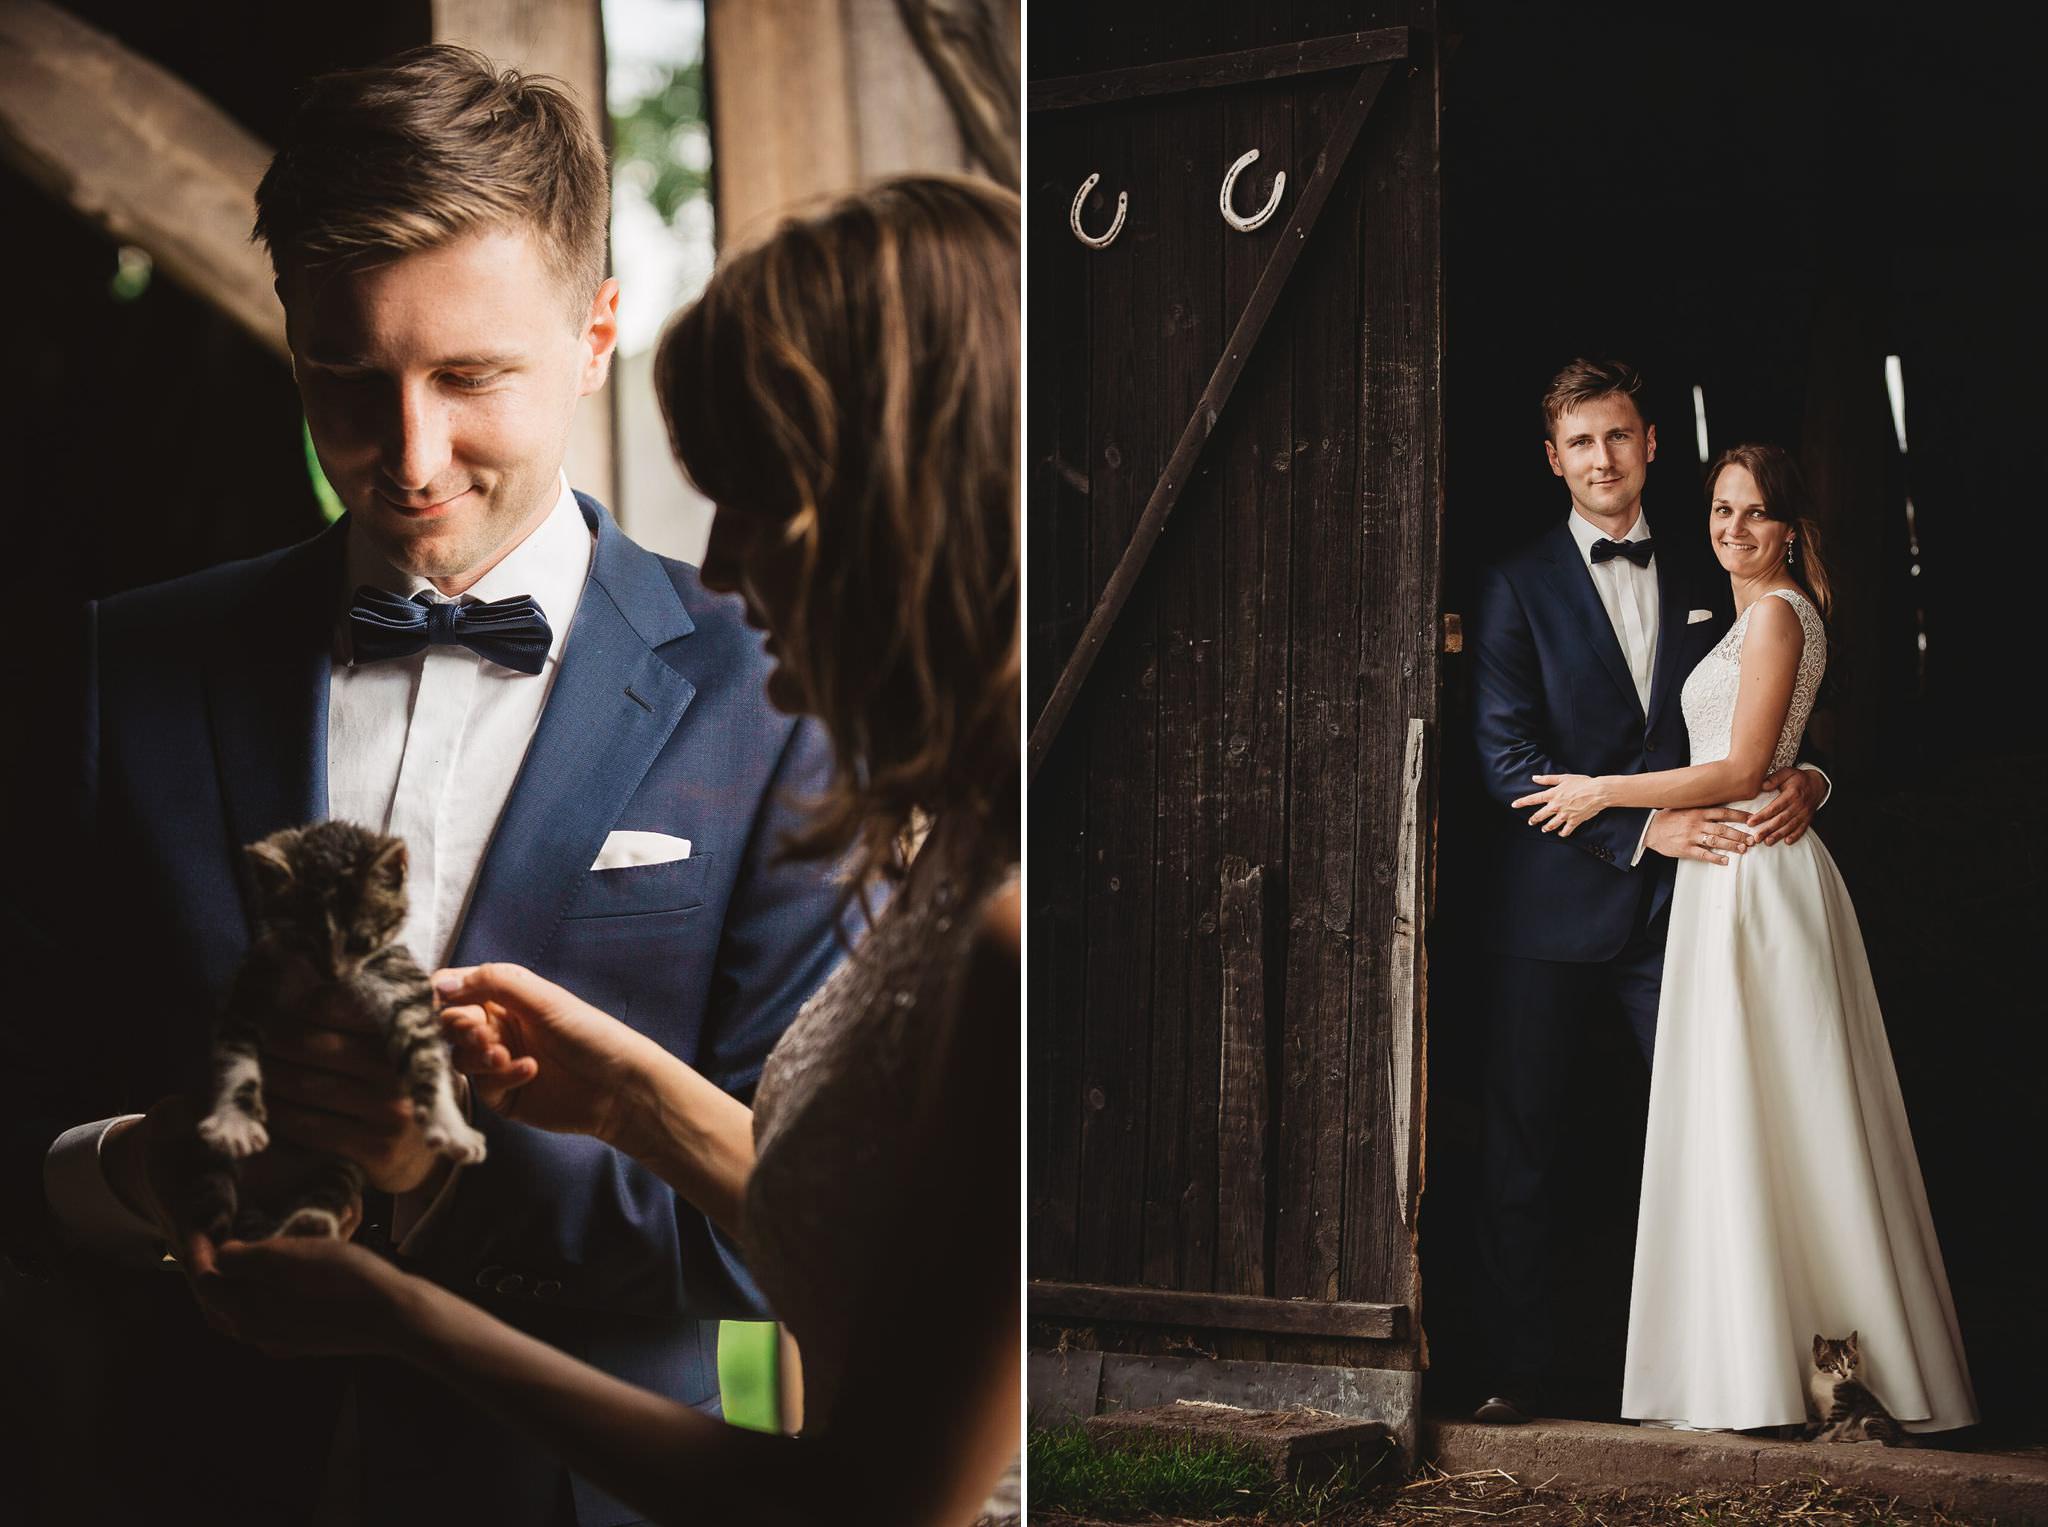 Monika i Michał, wesele w Paryżu i sesja plenerowa w stadninie koni w Czołowie 356